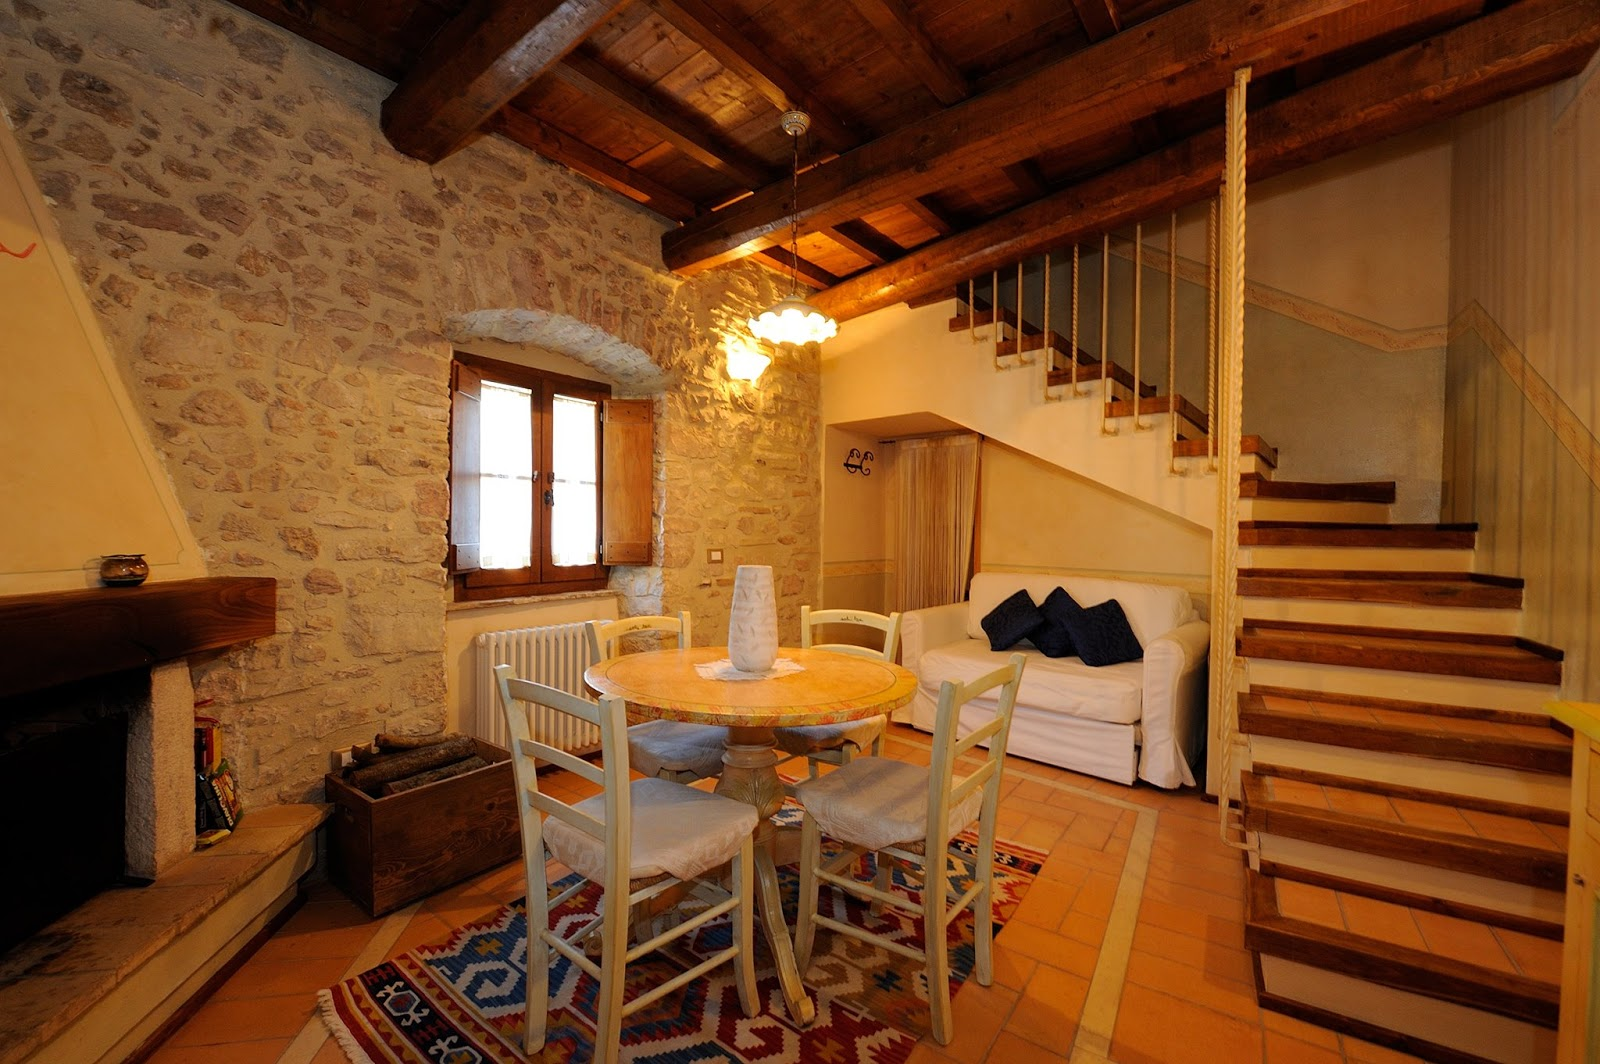 Alberghi diffusi e ospitalit diffusa for Franceschini arredamenti